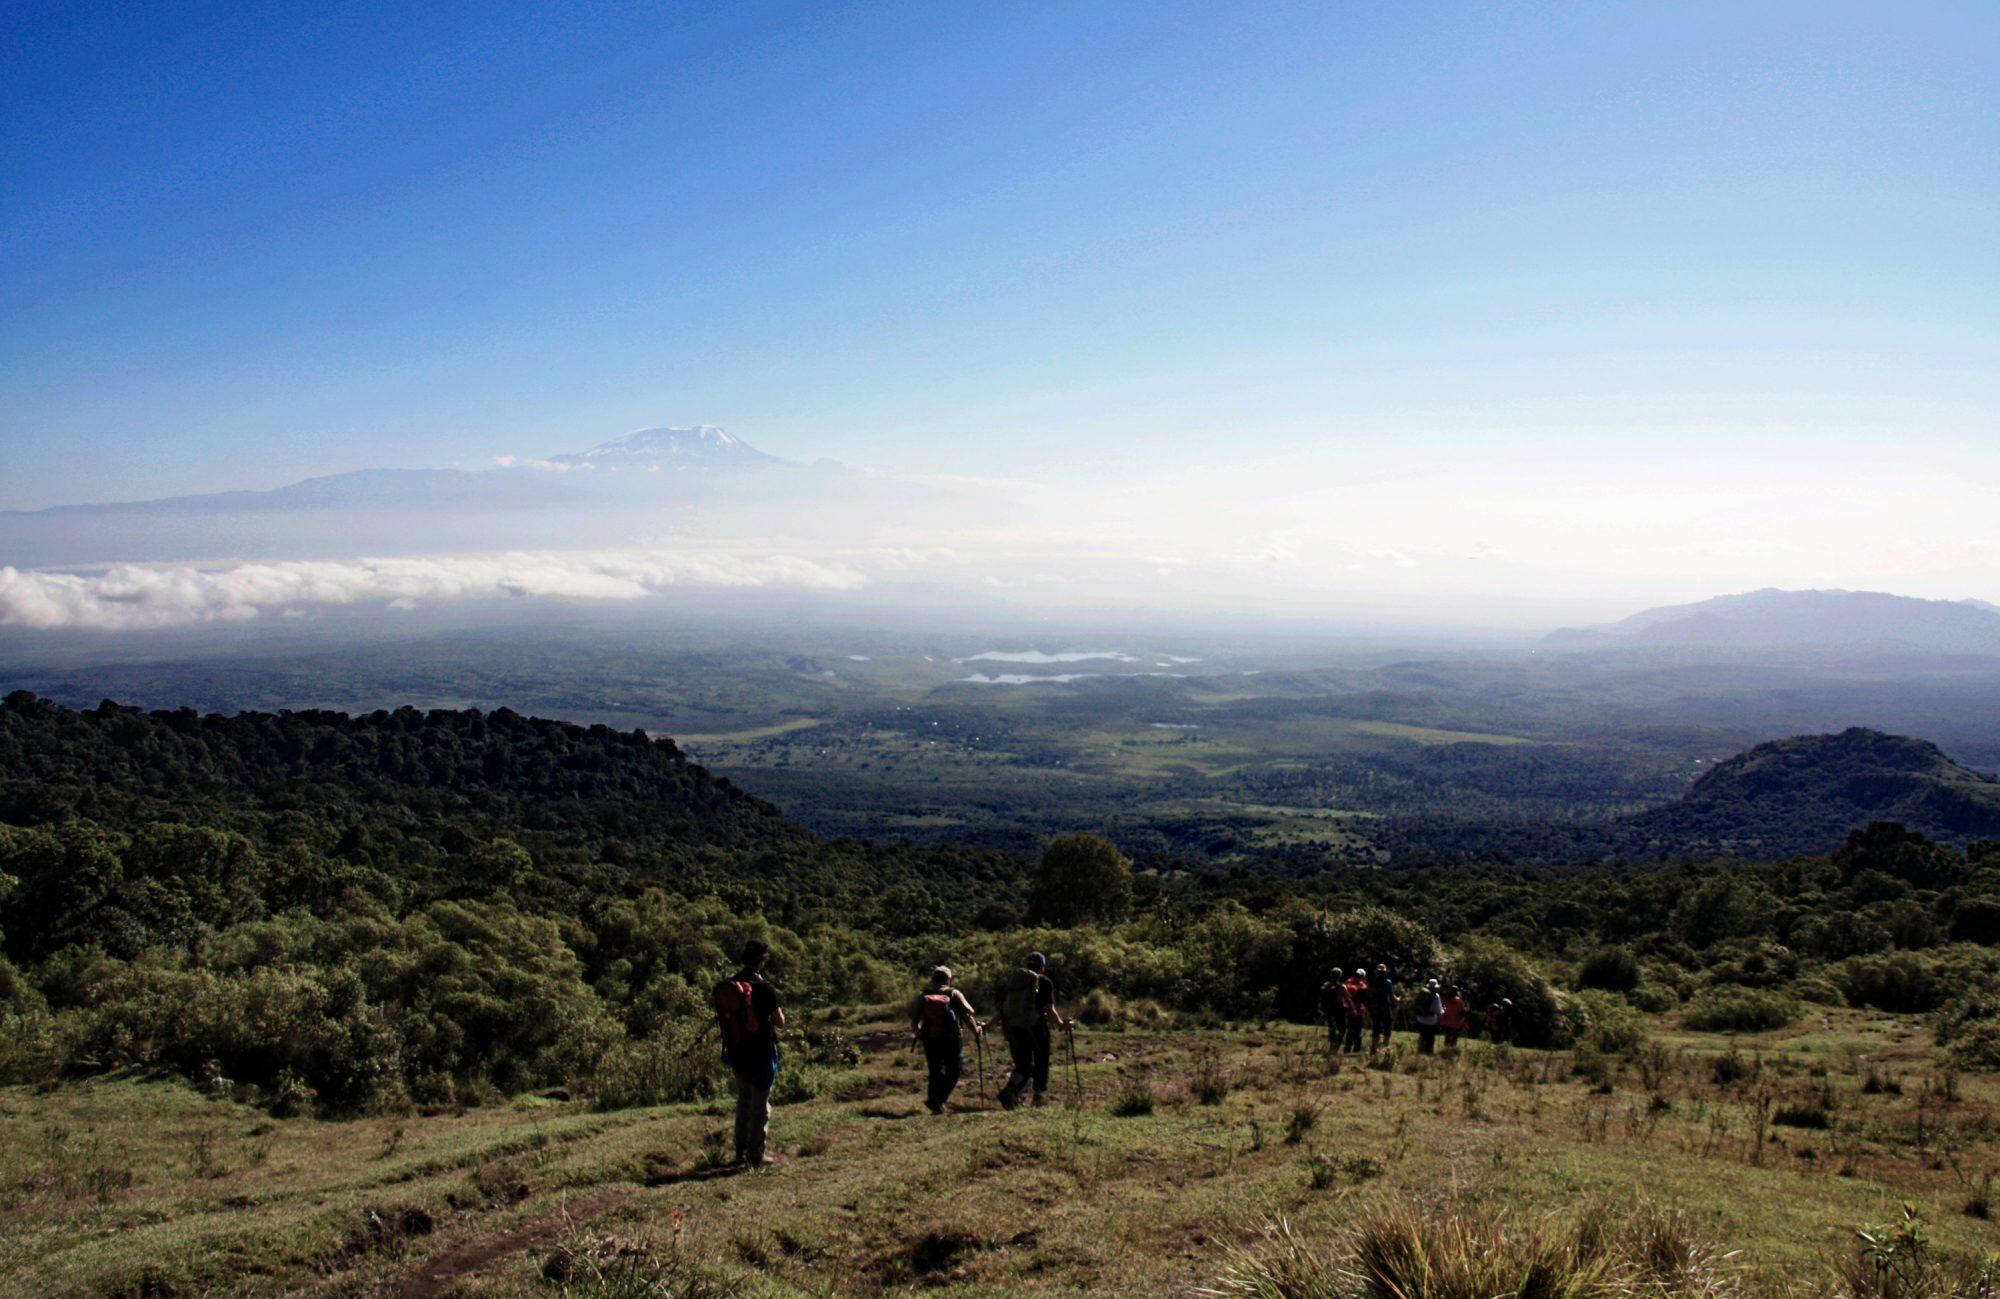 Abstieg vom Mount Meru, Mount Meru Besteigung, Tour, Erfahrungsbericht, Afrika, Tansania, Bergtour